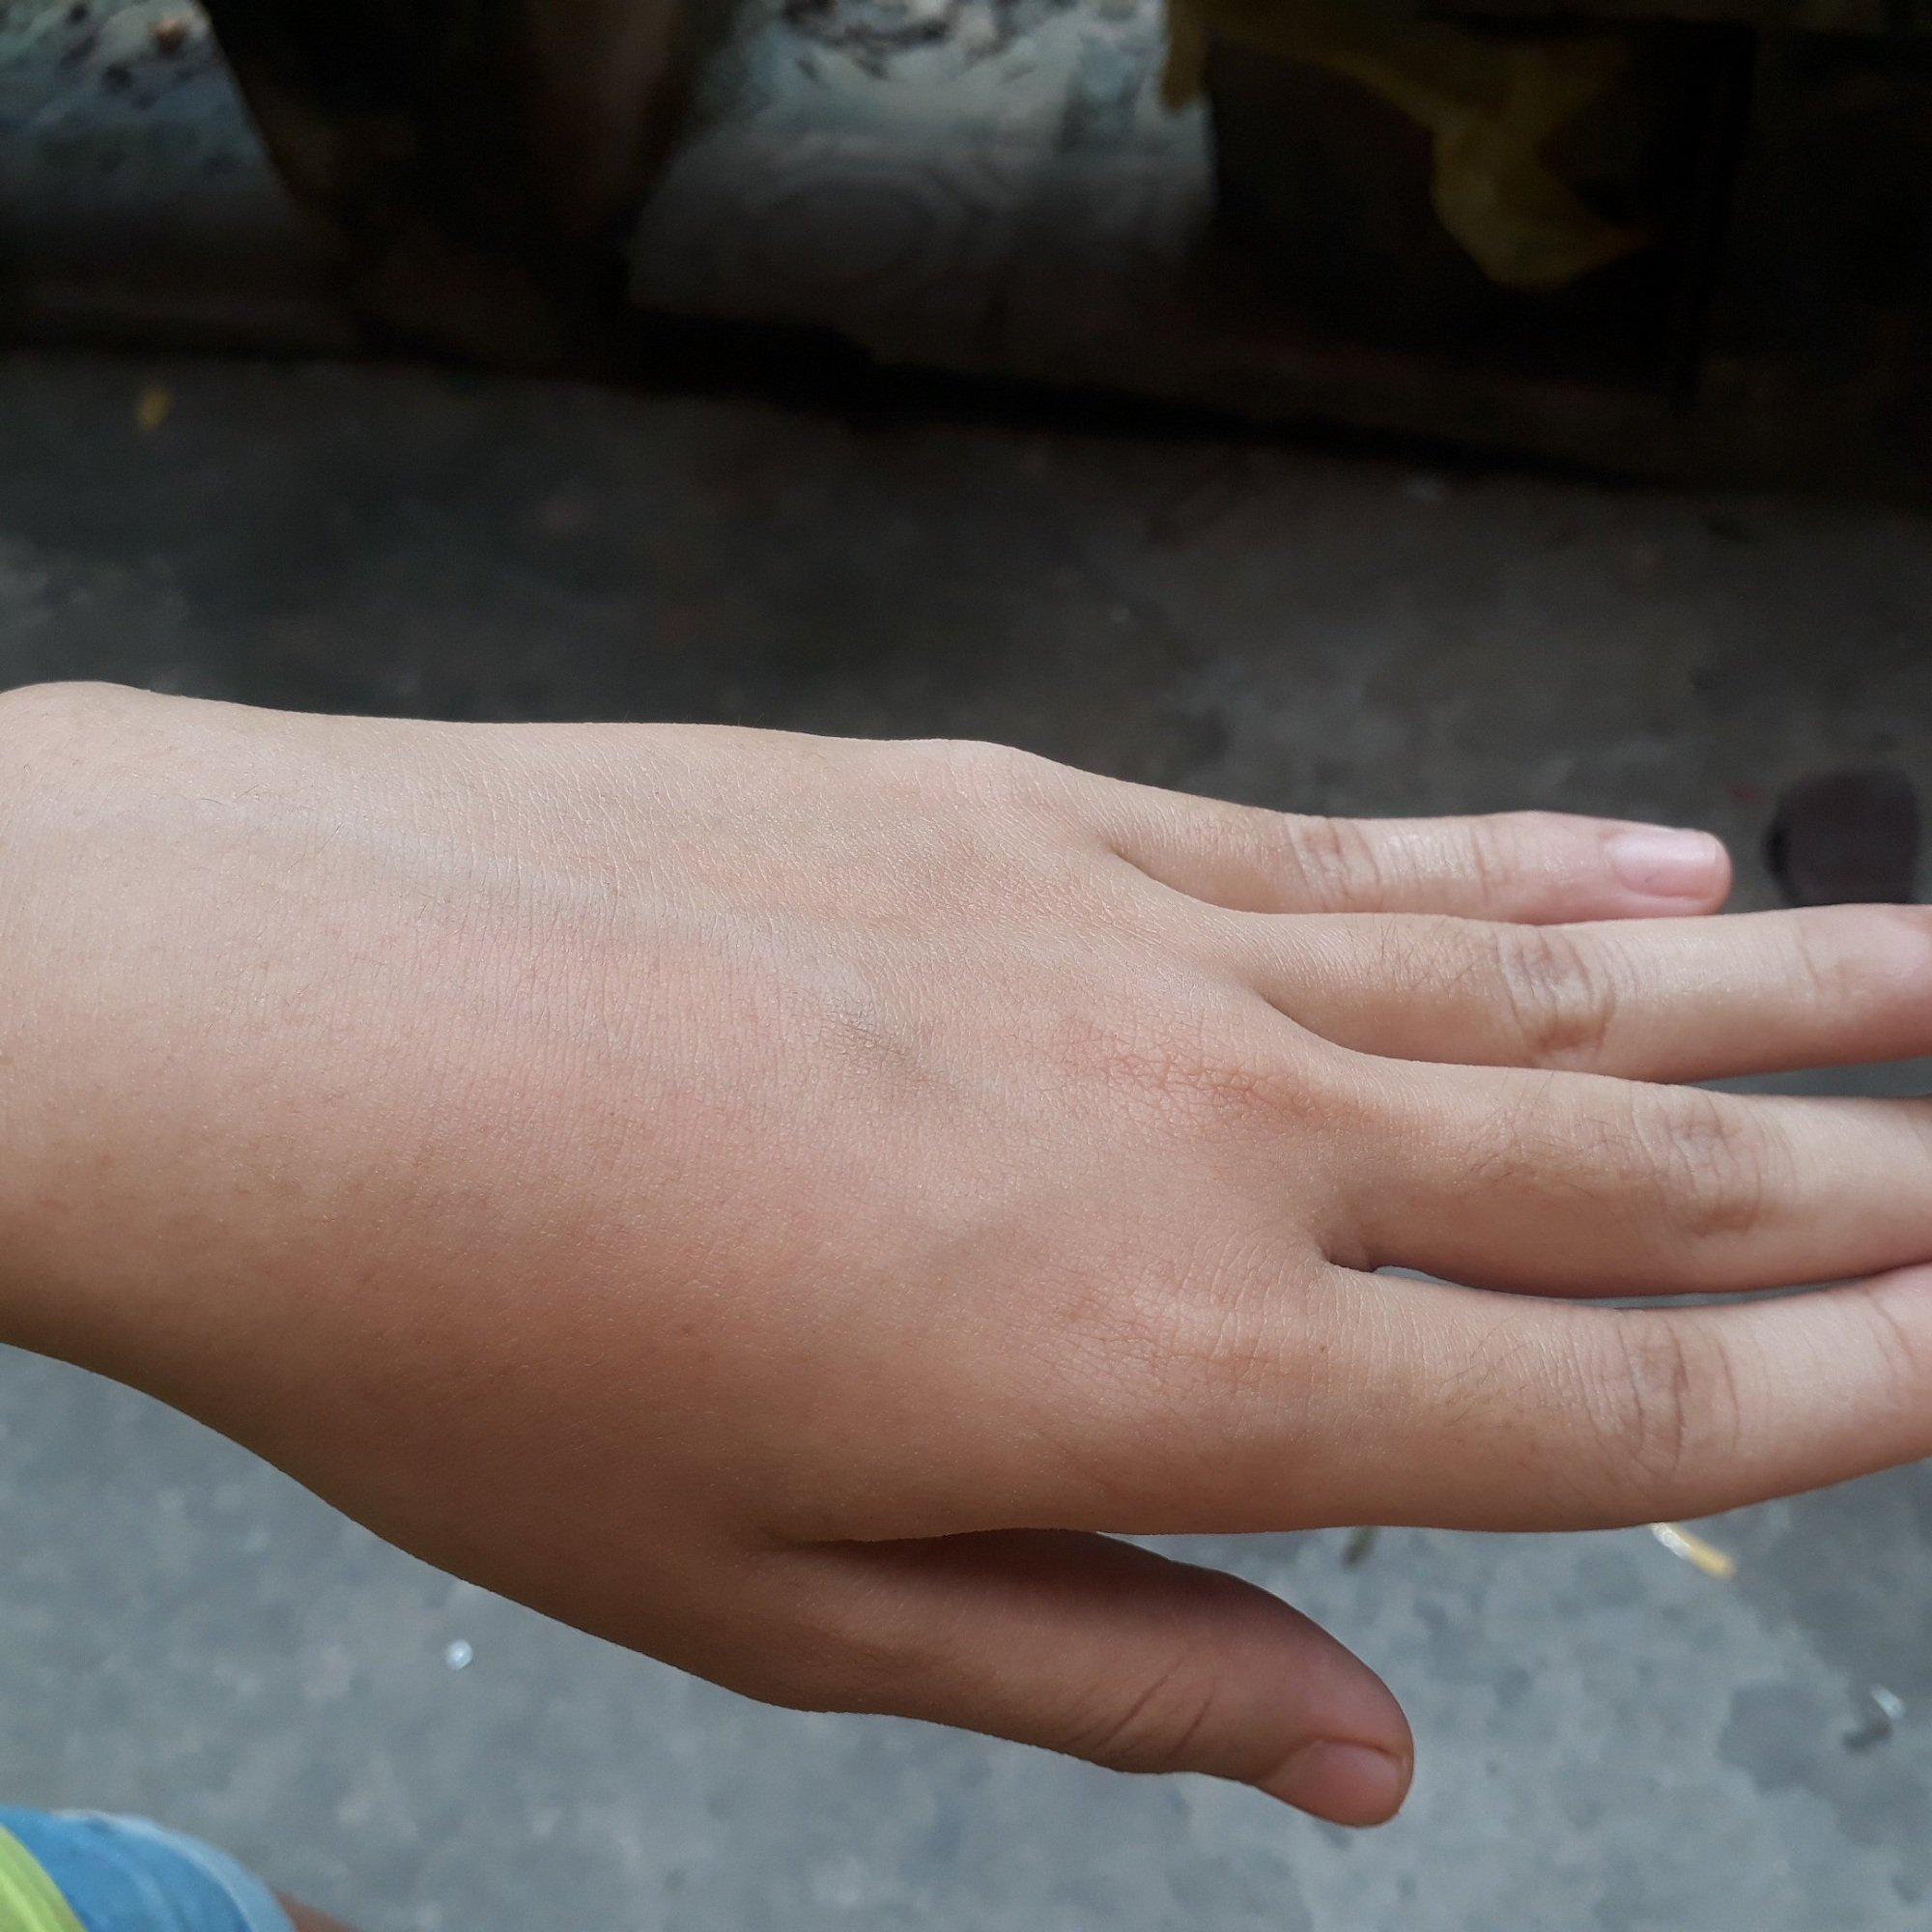 Khi xoa lớp dưỡng thấm nhanh, mau khô trên bề mặt da, đặc biệt nó không lên tone da (ảnh: BlogAnChoi).